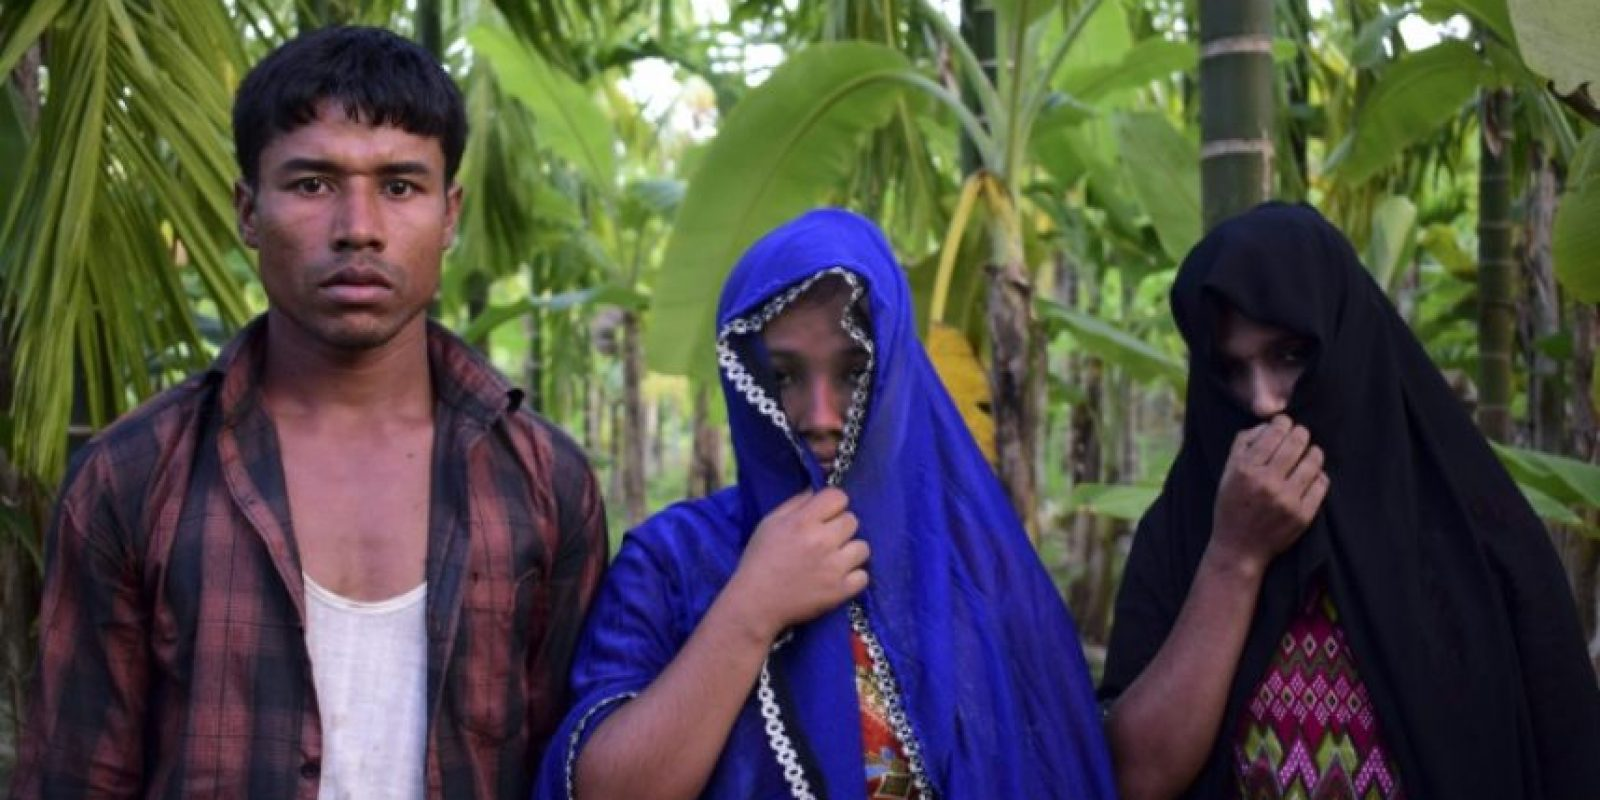 Las hermanas musulmanas rohingyas Mosamat Samira (d), de 18 años, y Mosamat Habiba, de 20, violadas por el ejército birmano en su localidad, Udang, en el estado birmano de Rajin, fotografiadas el 24 de noviembre de 2016 en Teknaf, Bangladés Foto:Sam Jahan/afp.com